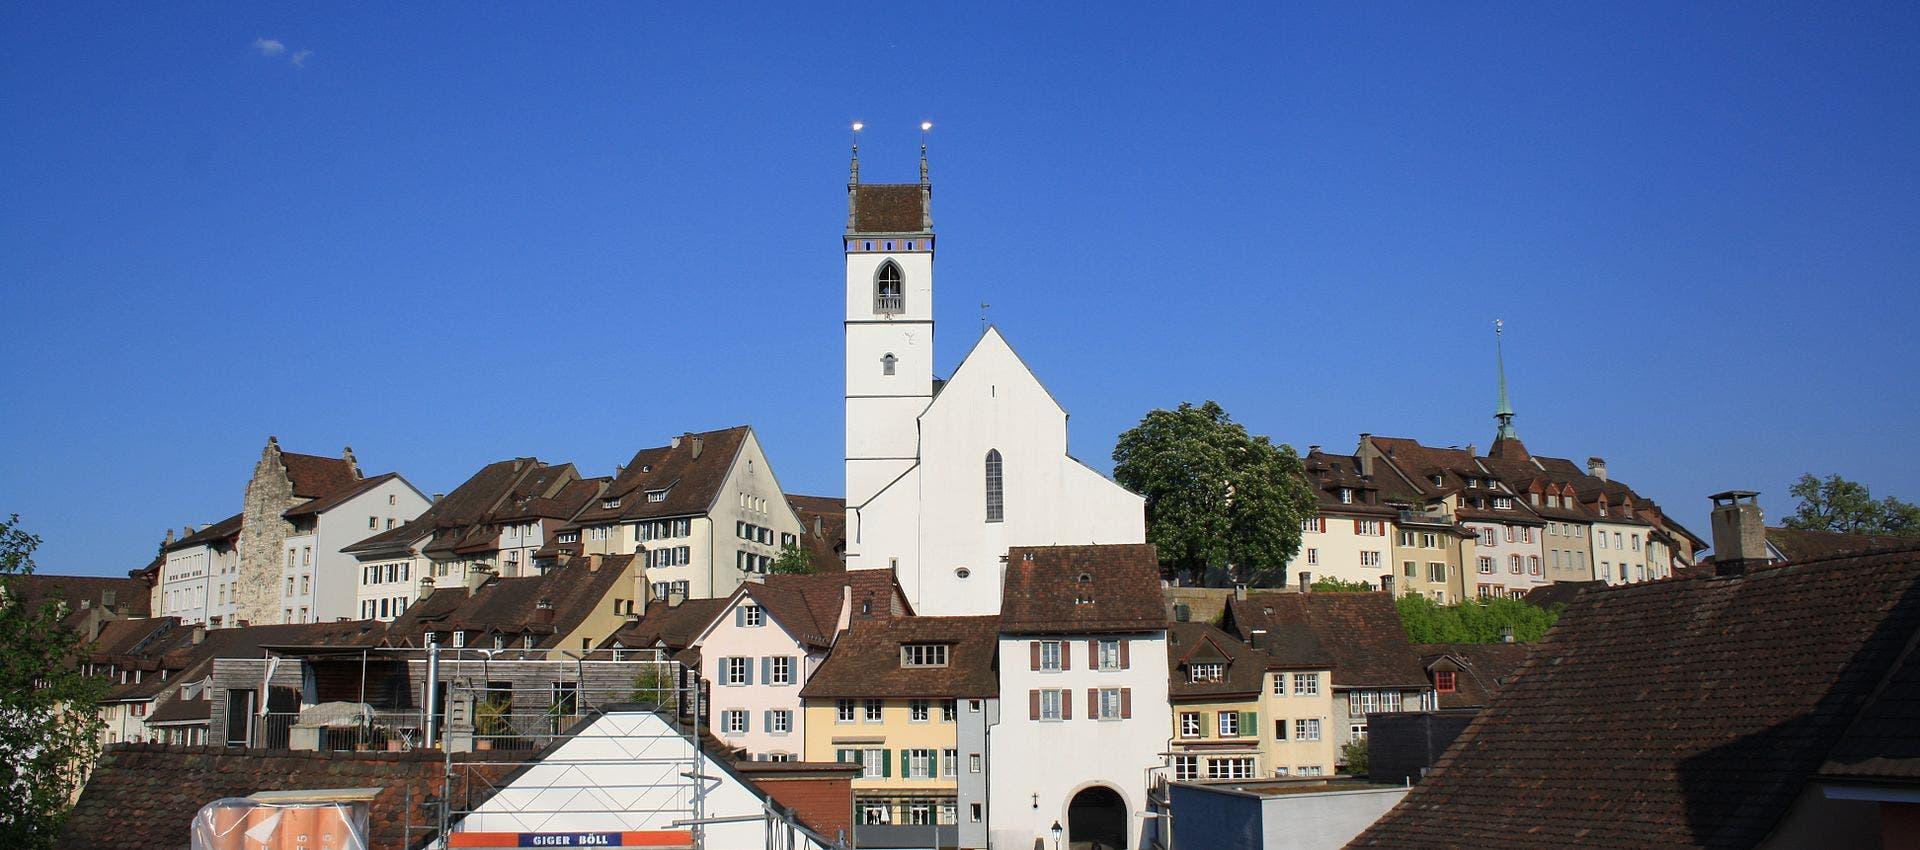 Aarau Altstat Kirche Lutz Fischer-Lamprecht. cc-by-sa-4.0